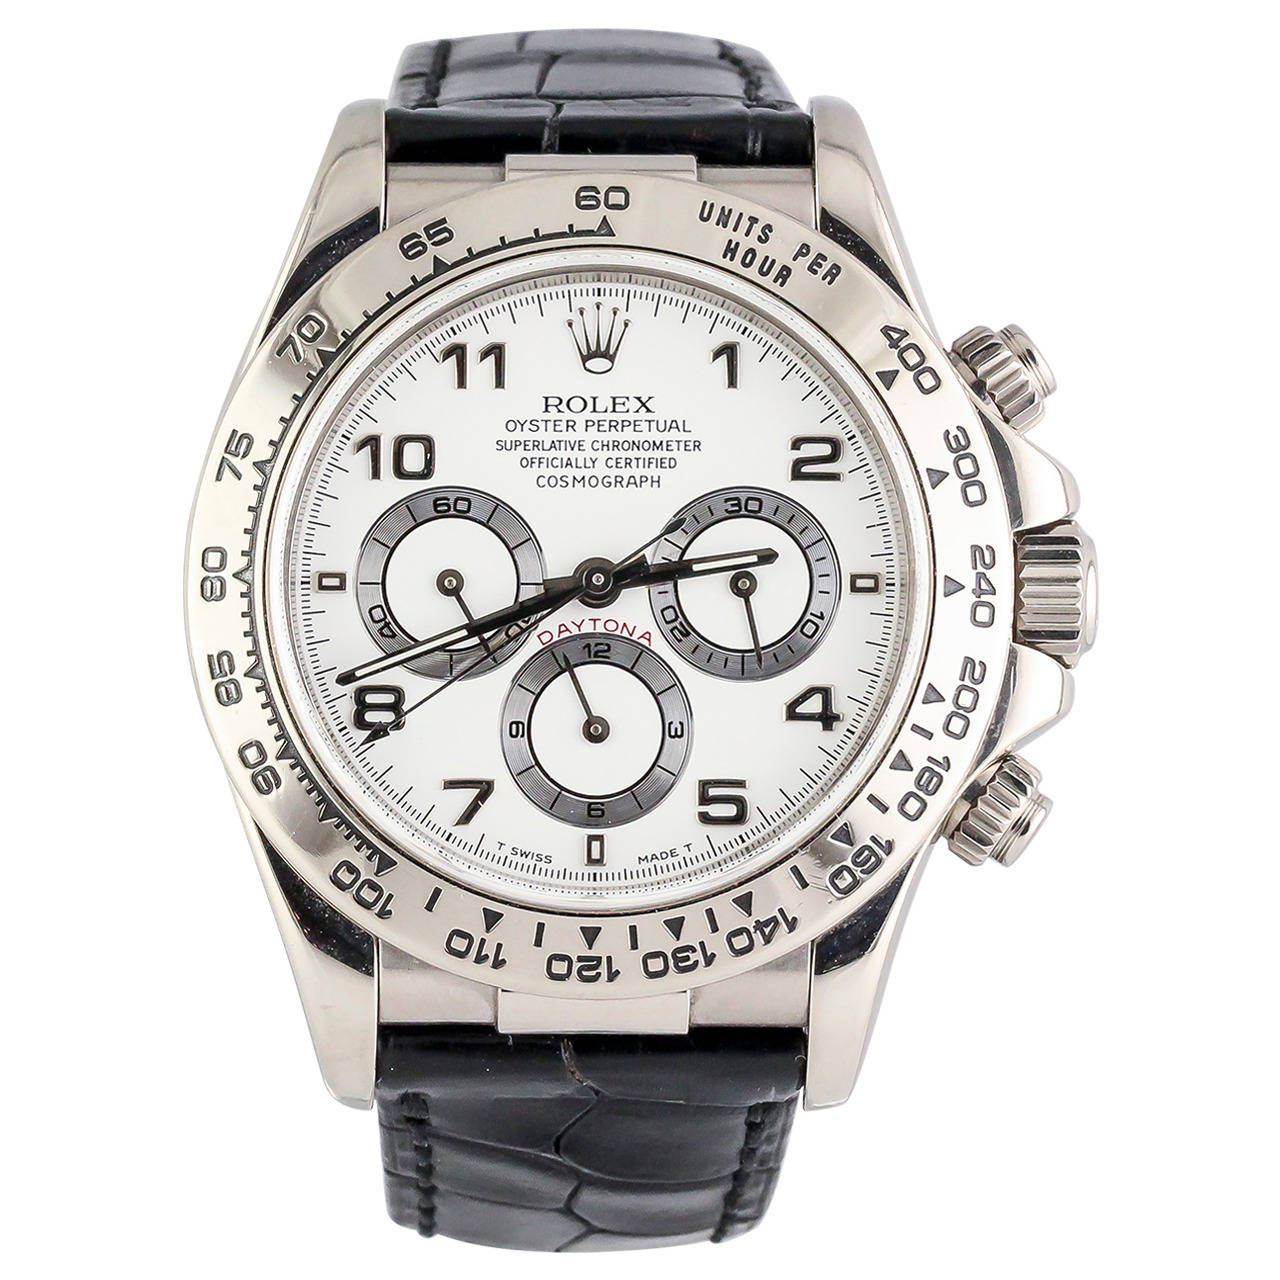 Rolex White Gold Daytona Chronograph Automatic Wristwatch 1